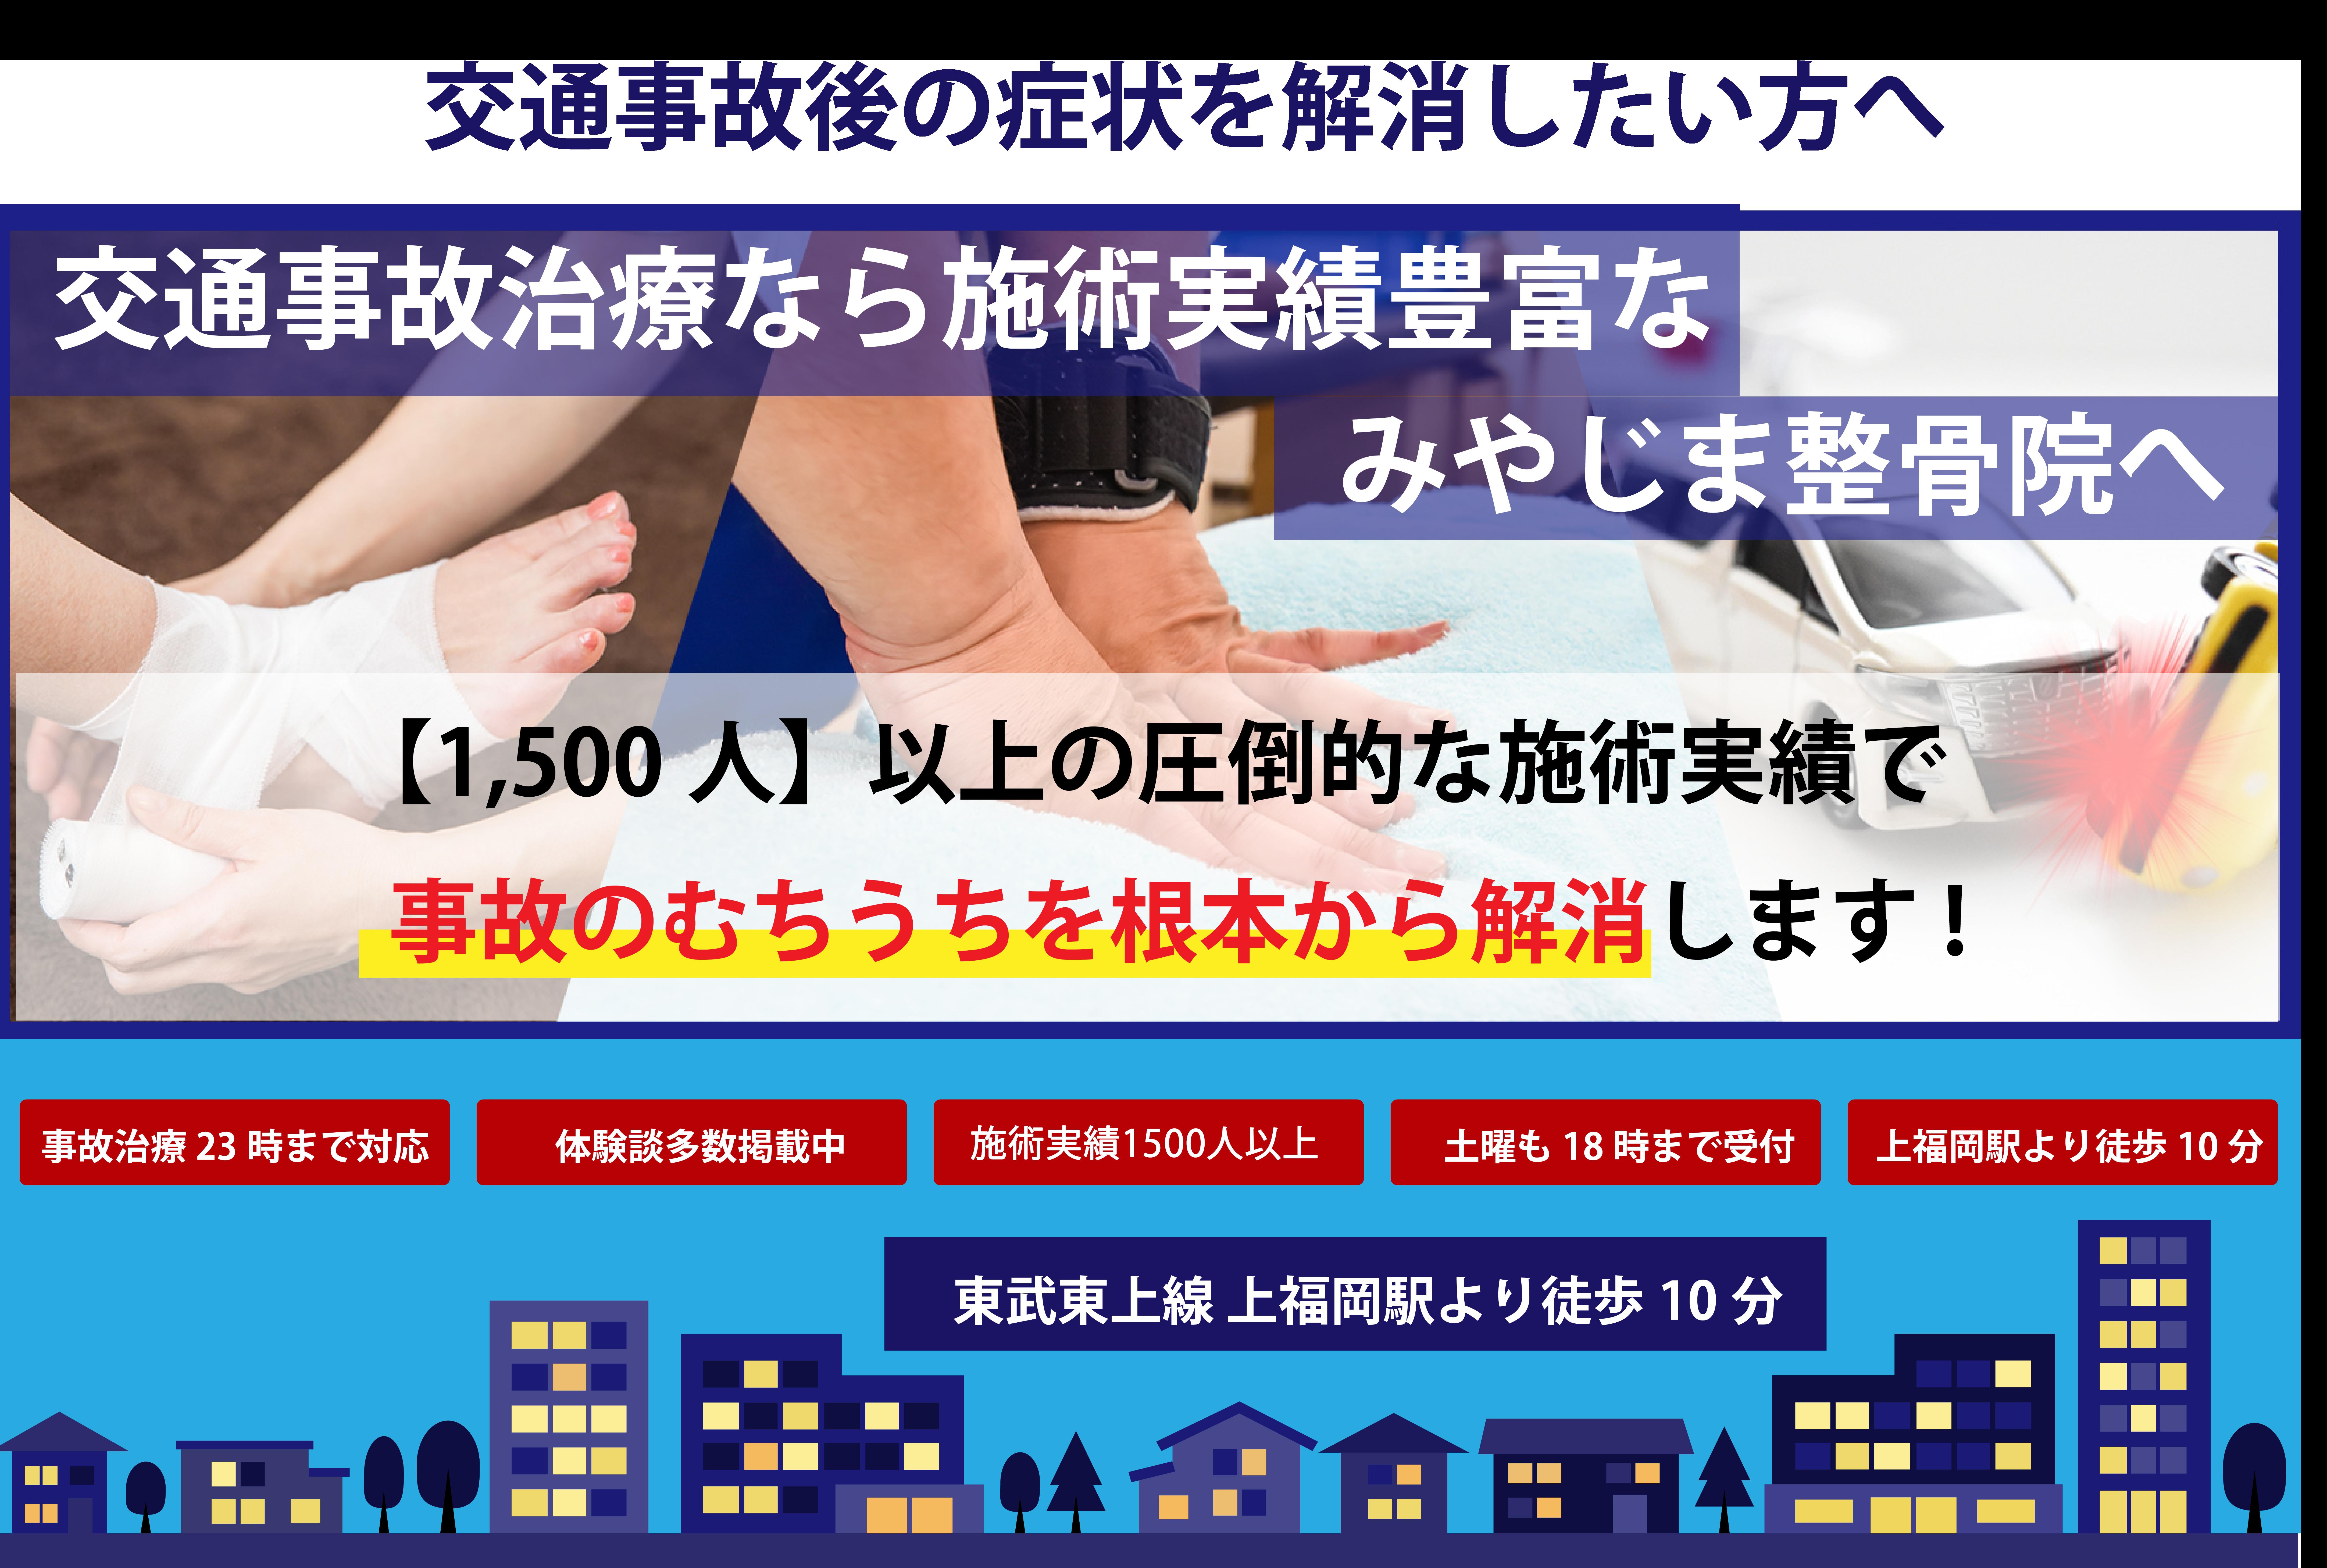 banner1 1 - TOP